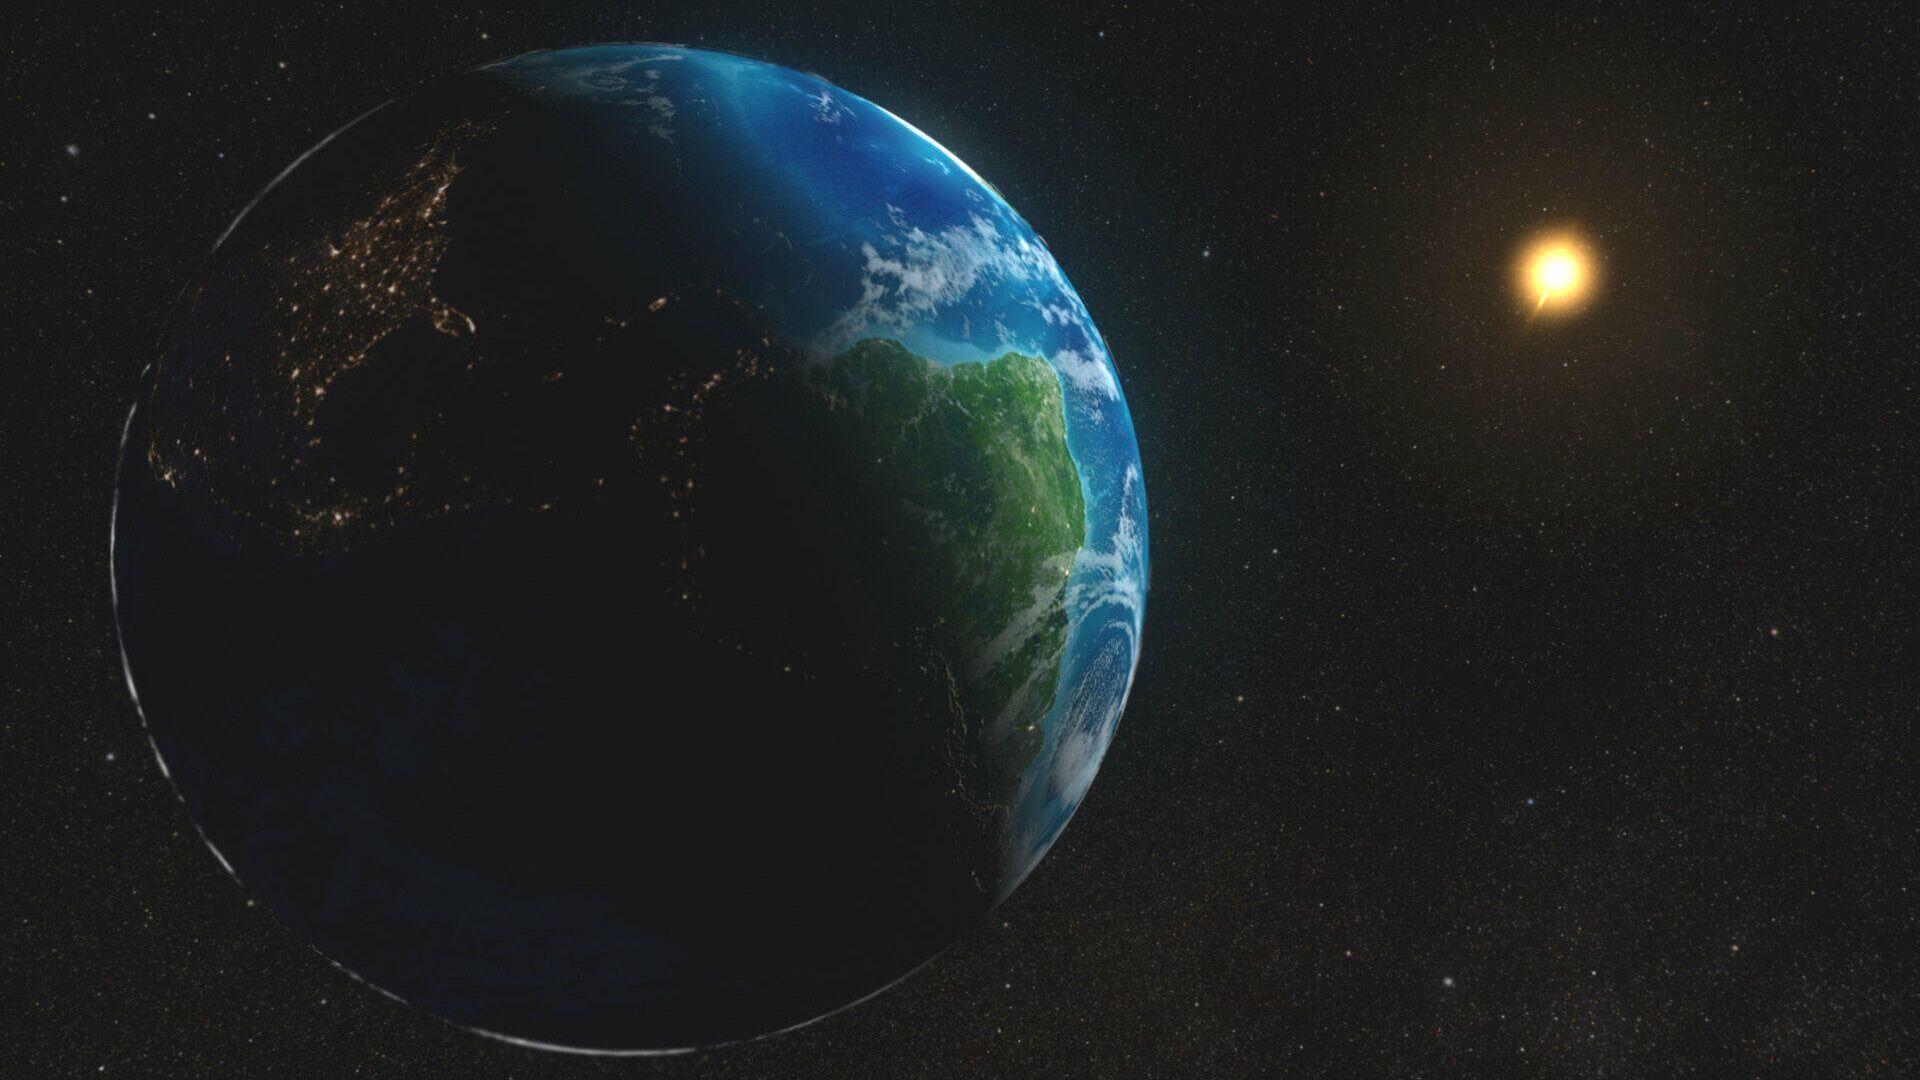 Расстояние от Земли до Солнца - РИА Новости, 1920, 18.03.2020